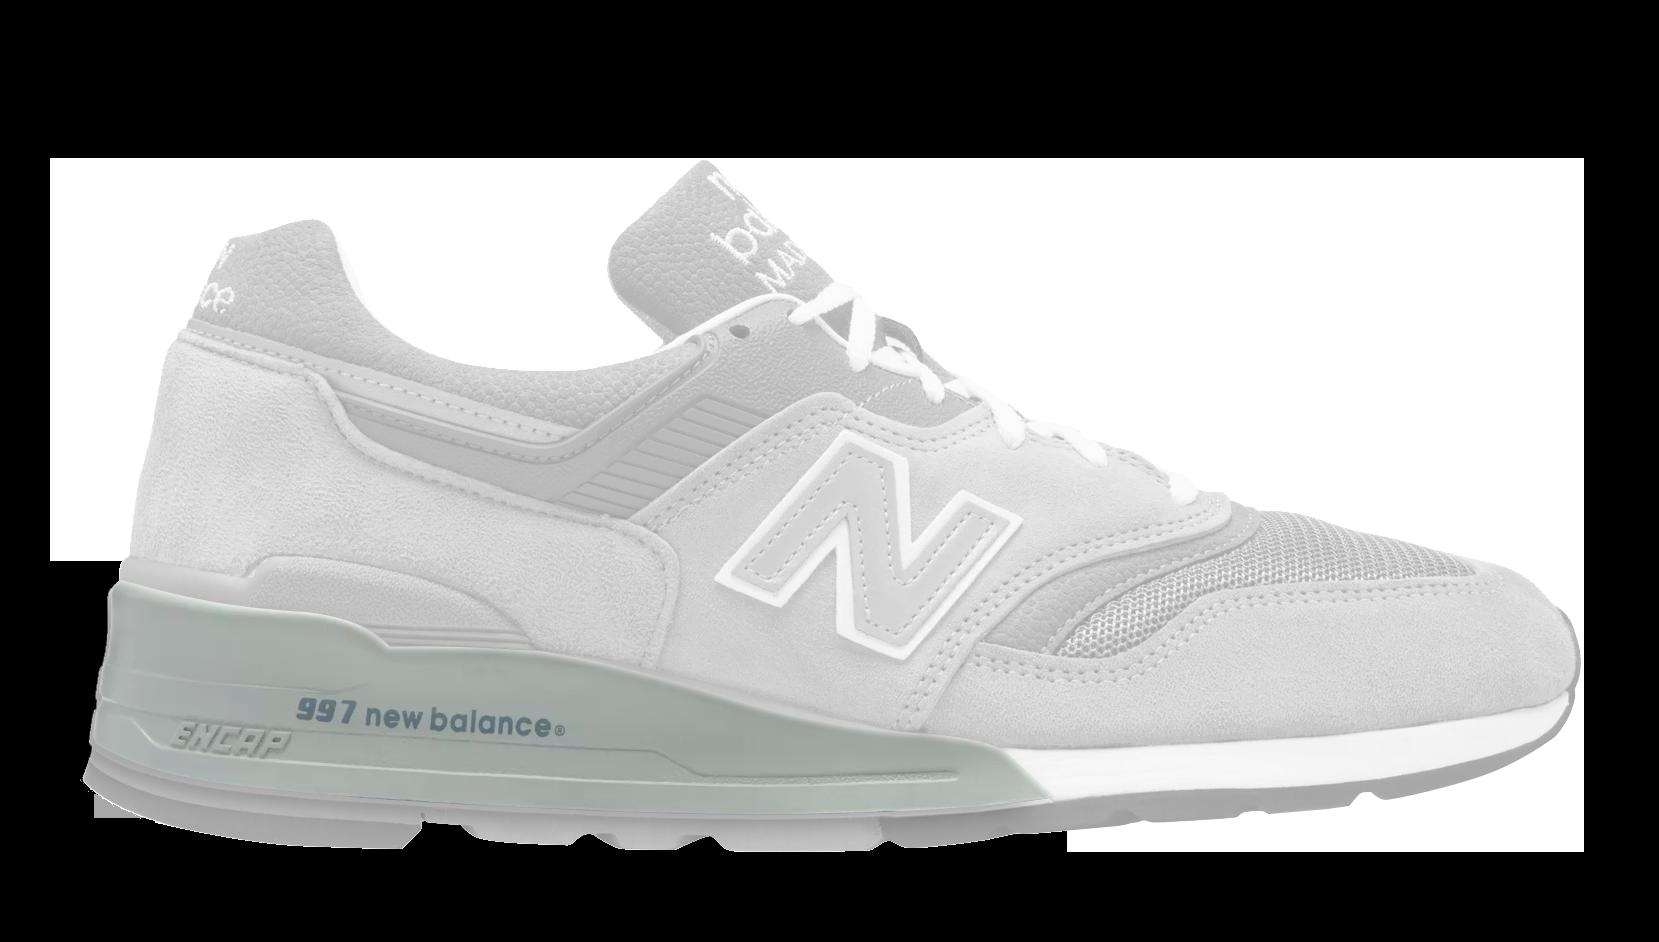 997 new balance encap